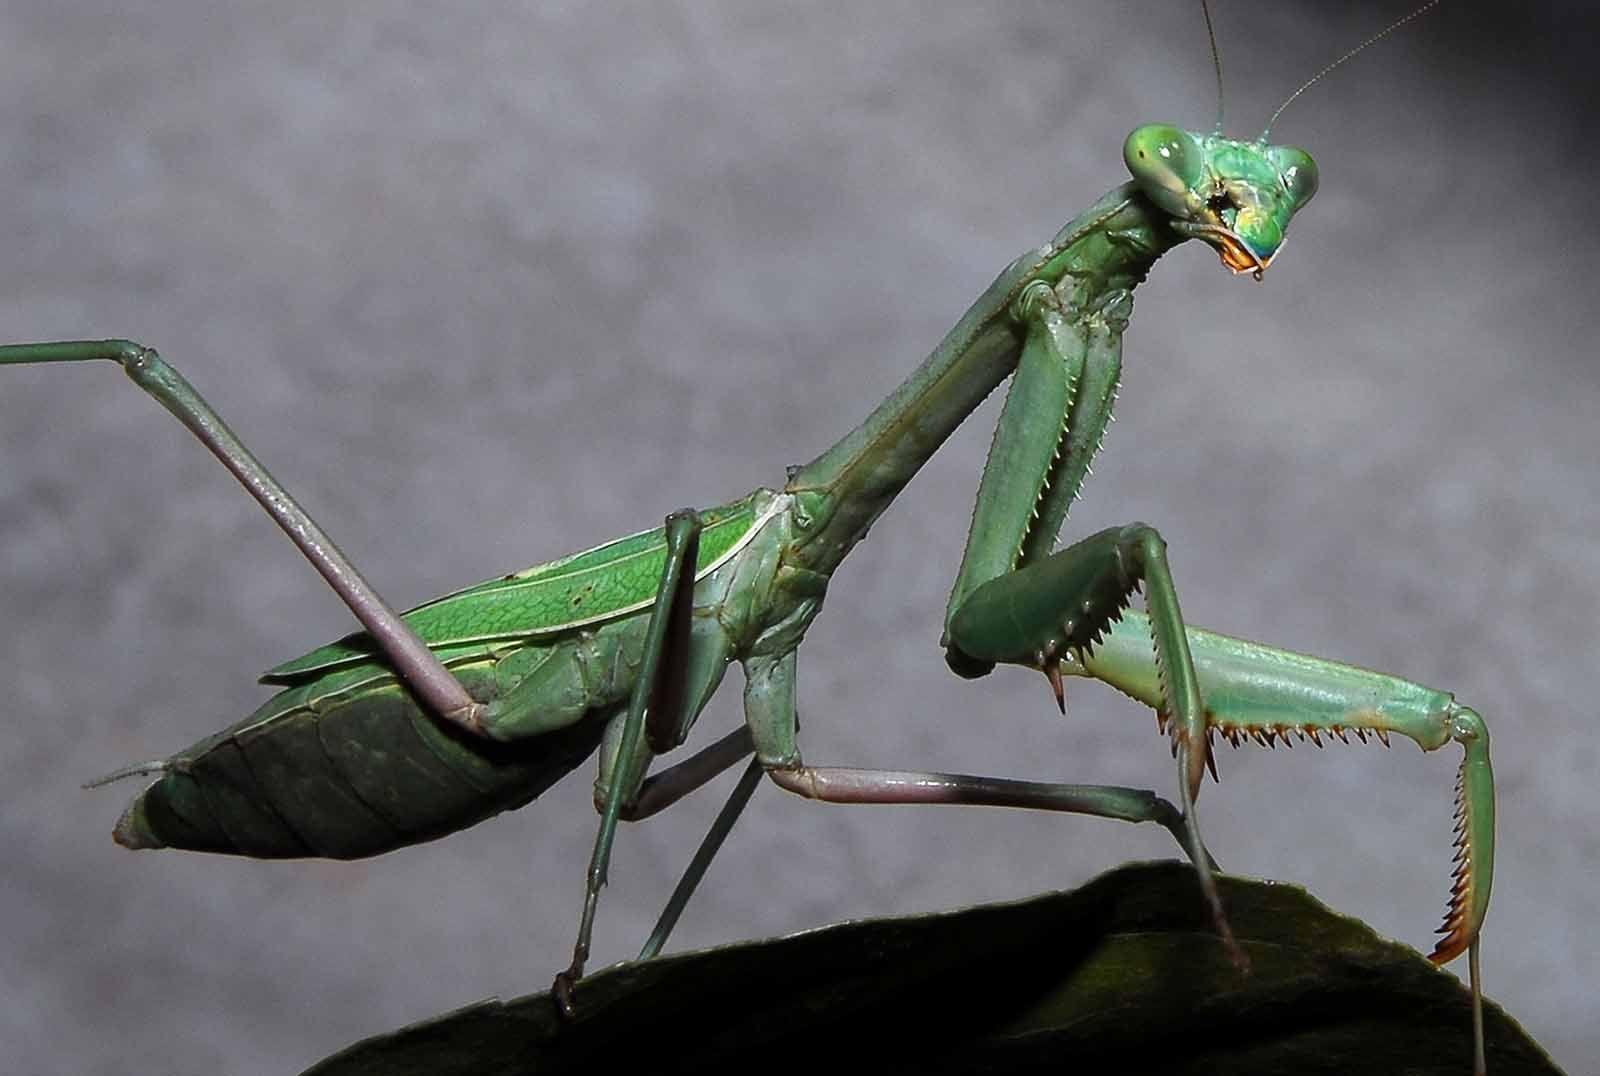 Praying Mantis Pictures Hd Photo Gallary Free Wallpaper